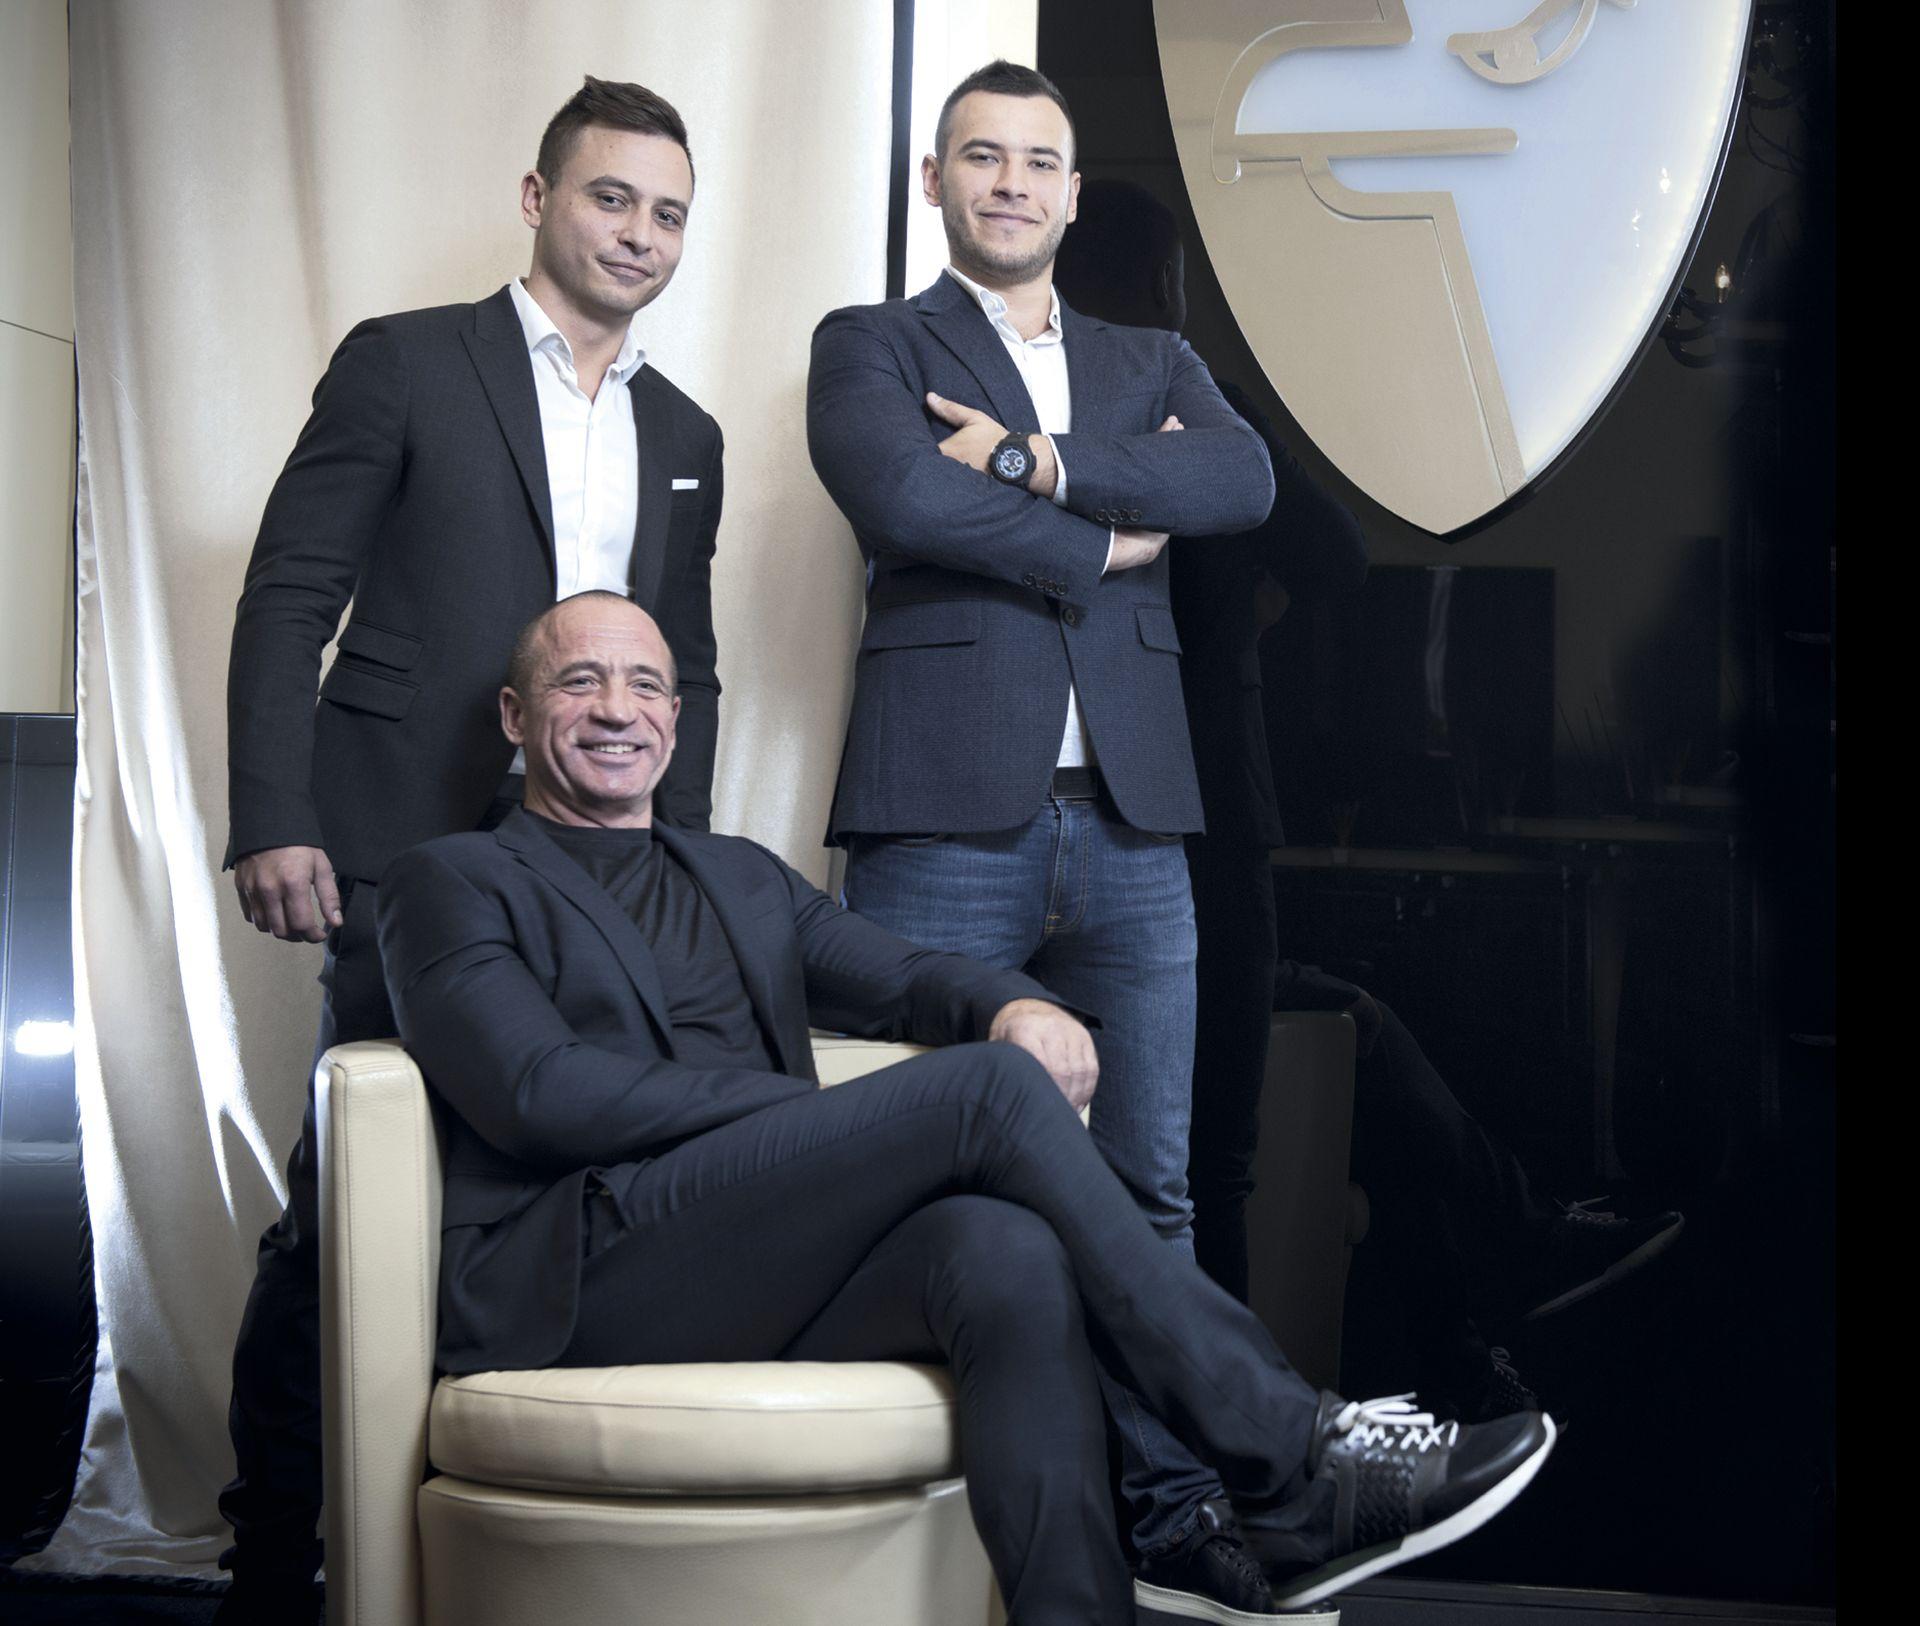 Zlatko Marić sa sinovima afirmira Svjetski kup u obaranju ruku kao turistički brend Zagreba